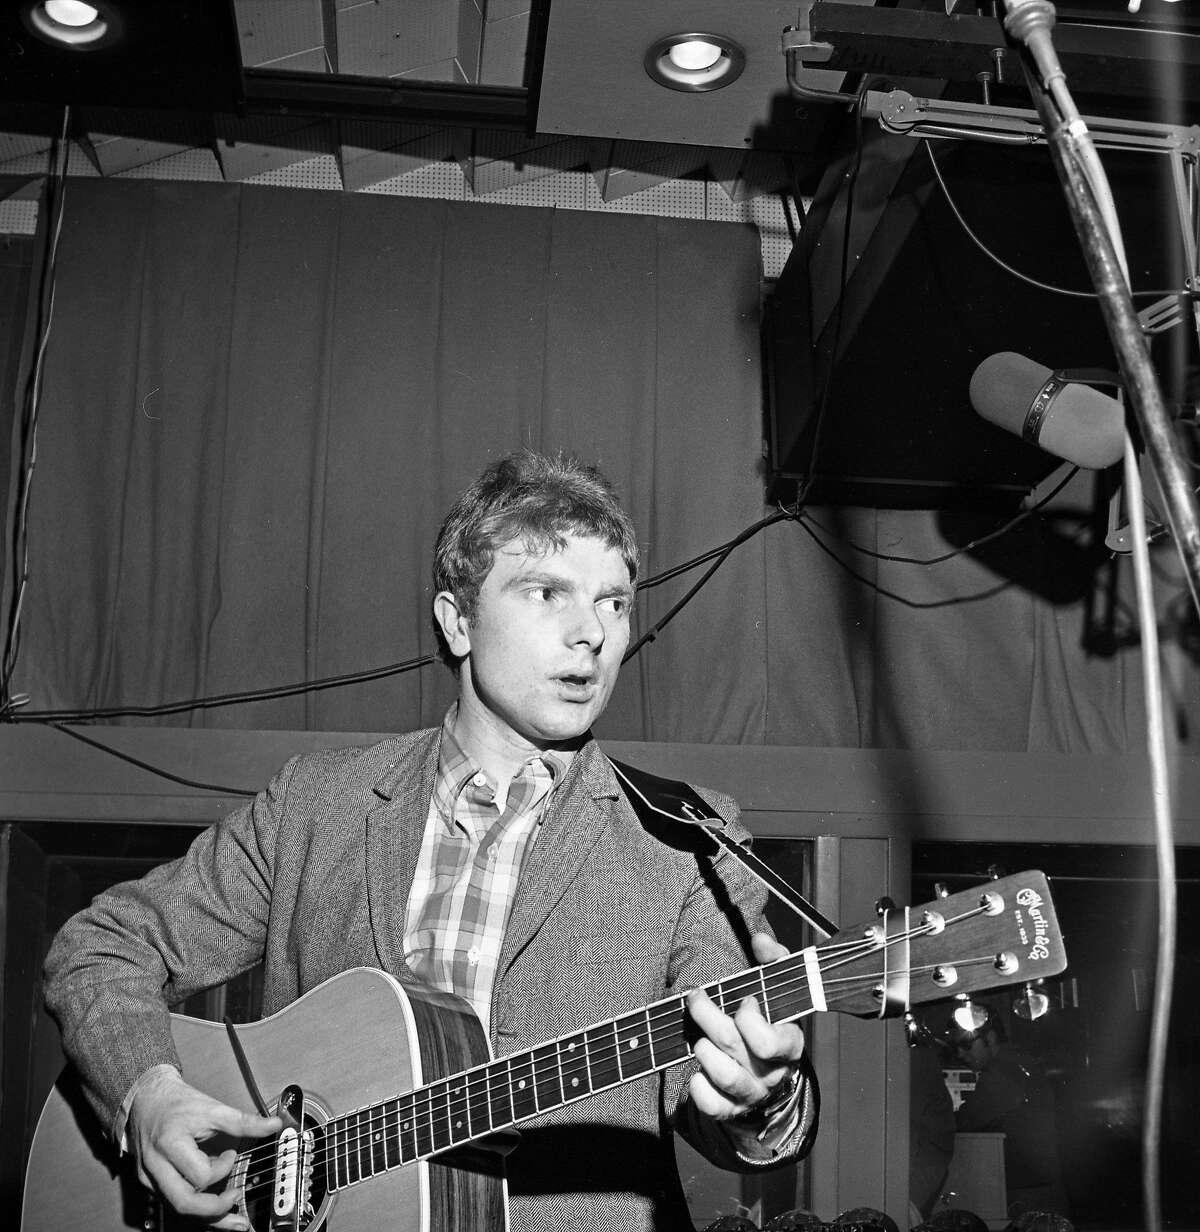 Van Morrison in a New York City studio in 1967.